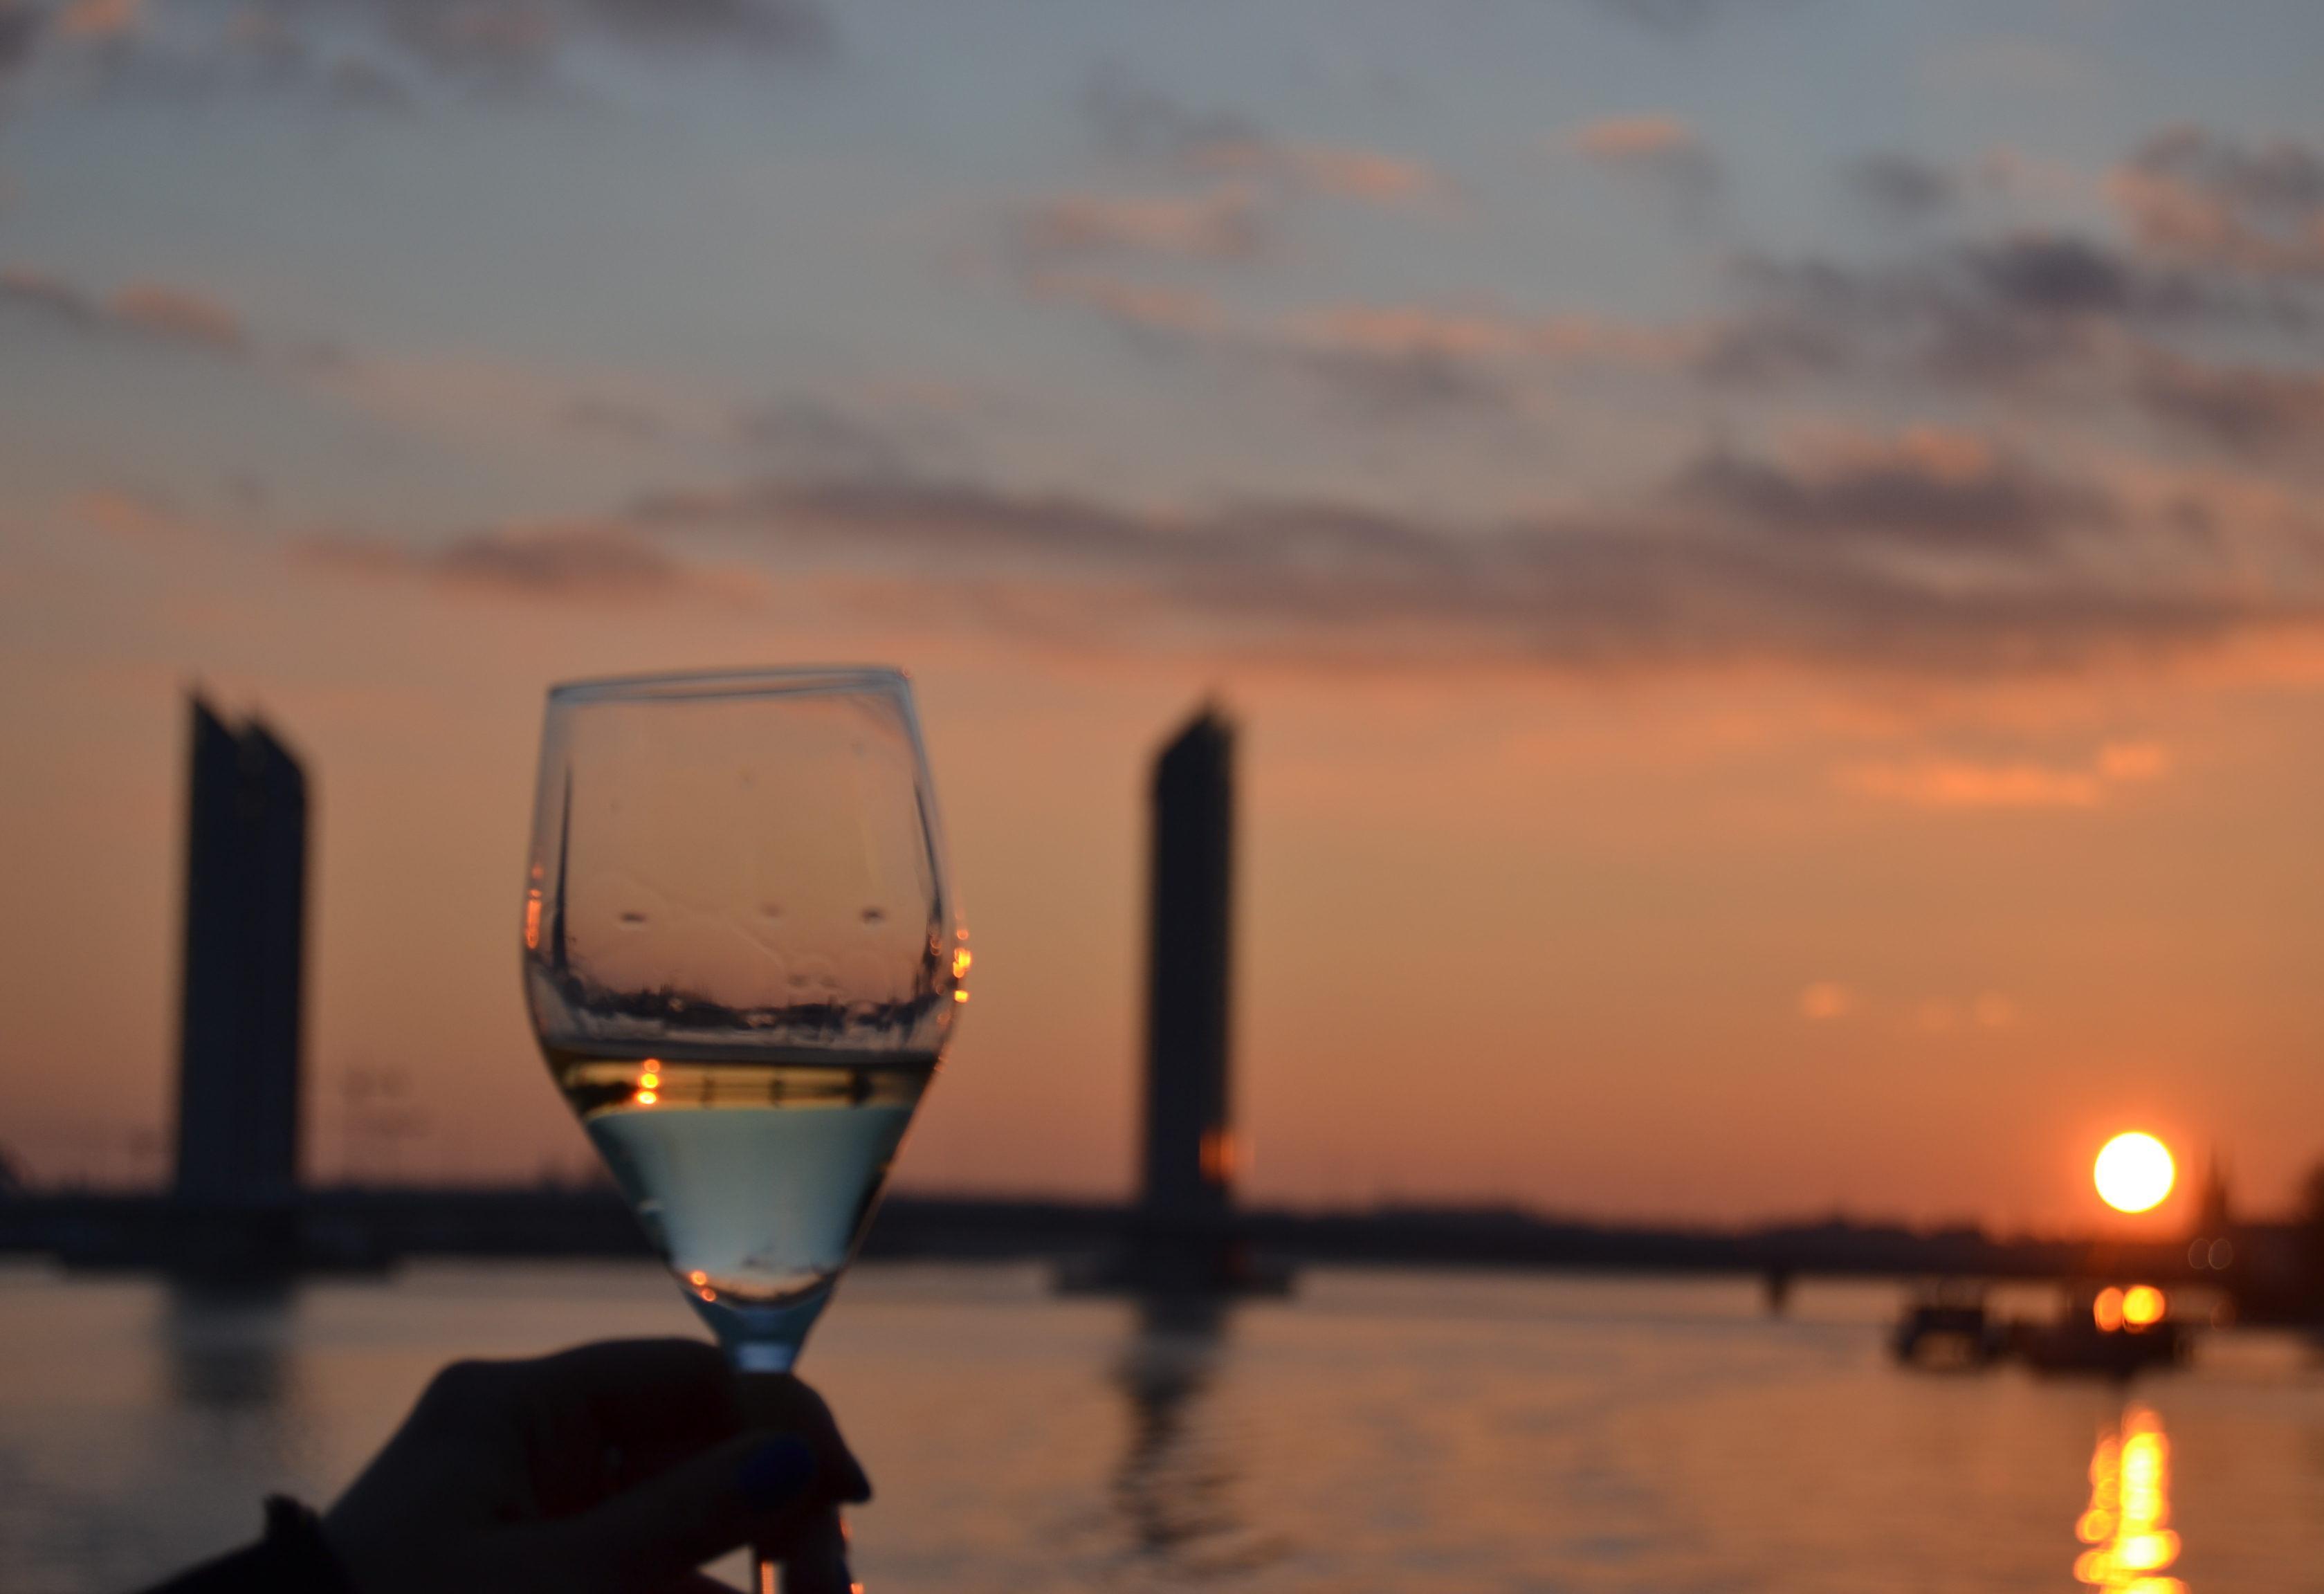 Une croisière sur la Garonne avec Bordeaux River Cruise La cité du vin Bordeaux River Cruise dégustation de vin sur la Garonne quoi faire à Bordeaux à faire à Bordeaux blog voyage les p'tits touristes - Copie